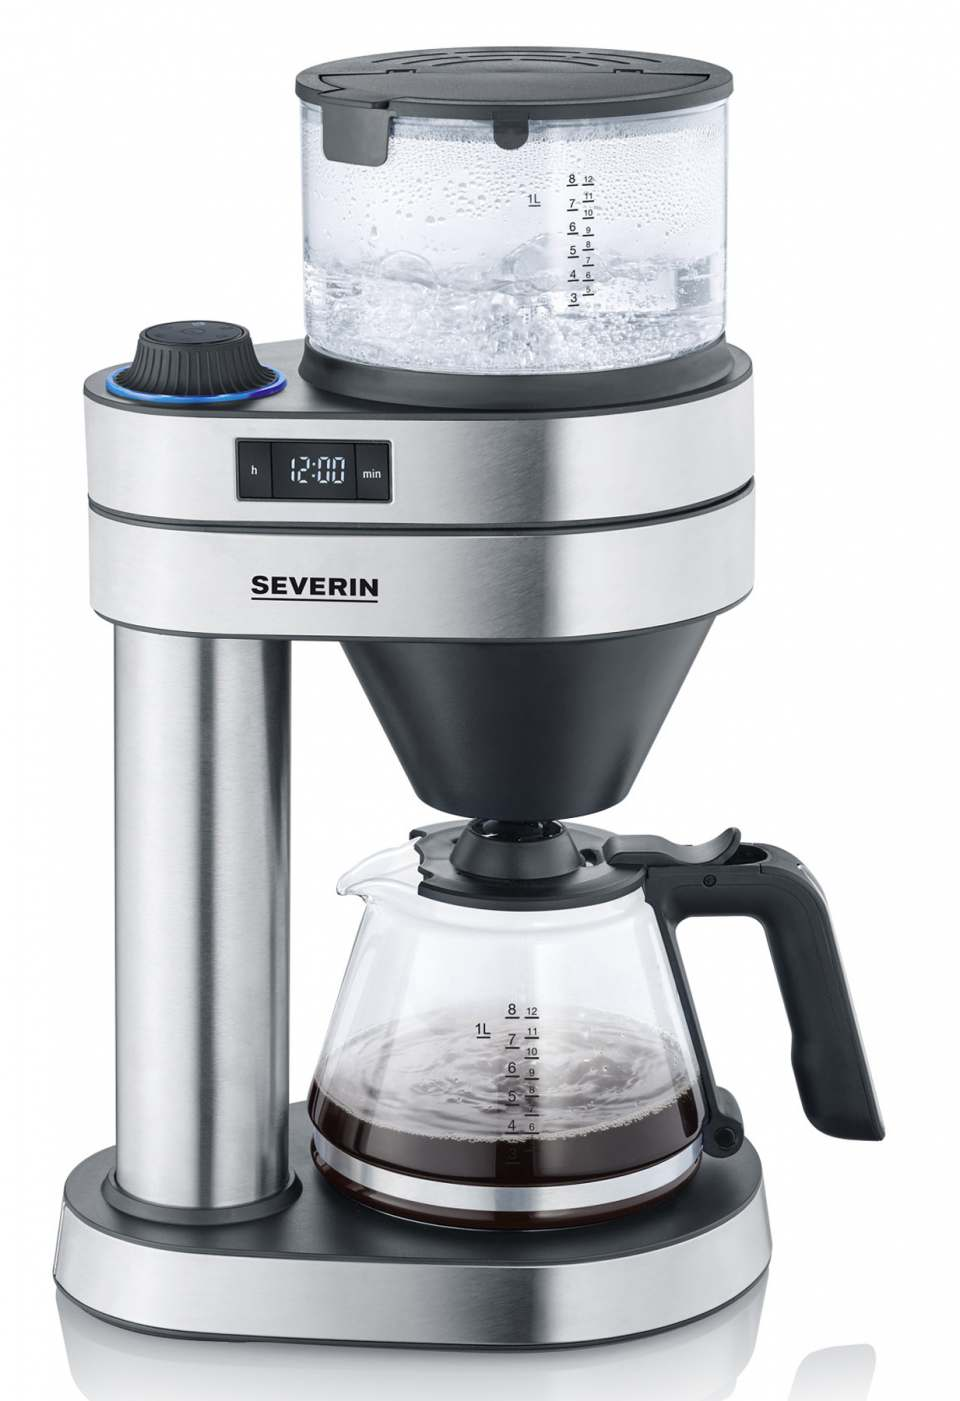 Severin Kaffeemaschine Caprice mit Glas- oder Thermokanne.